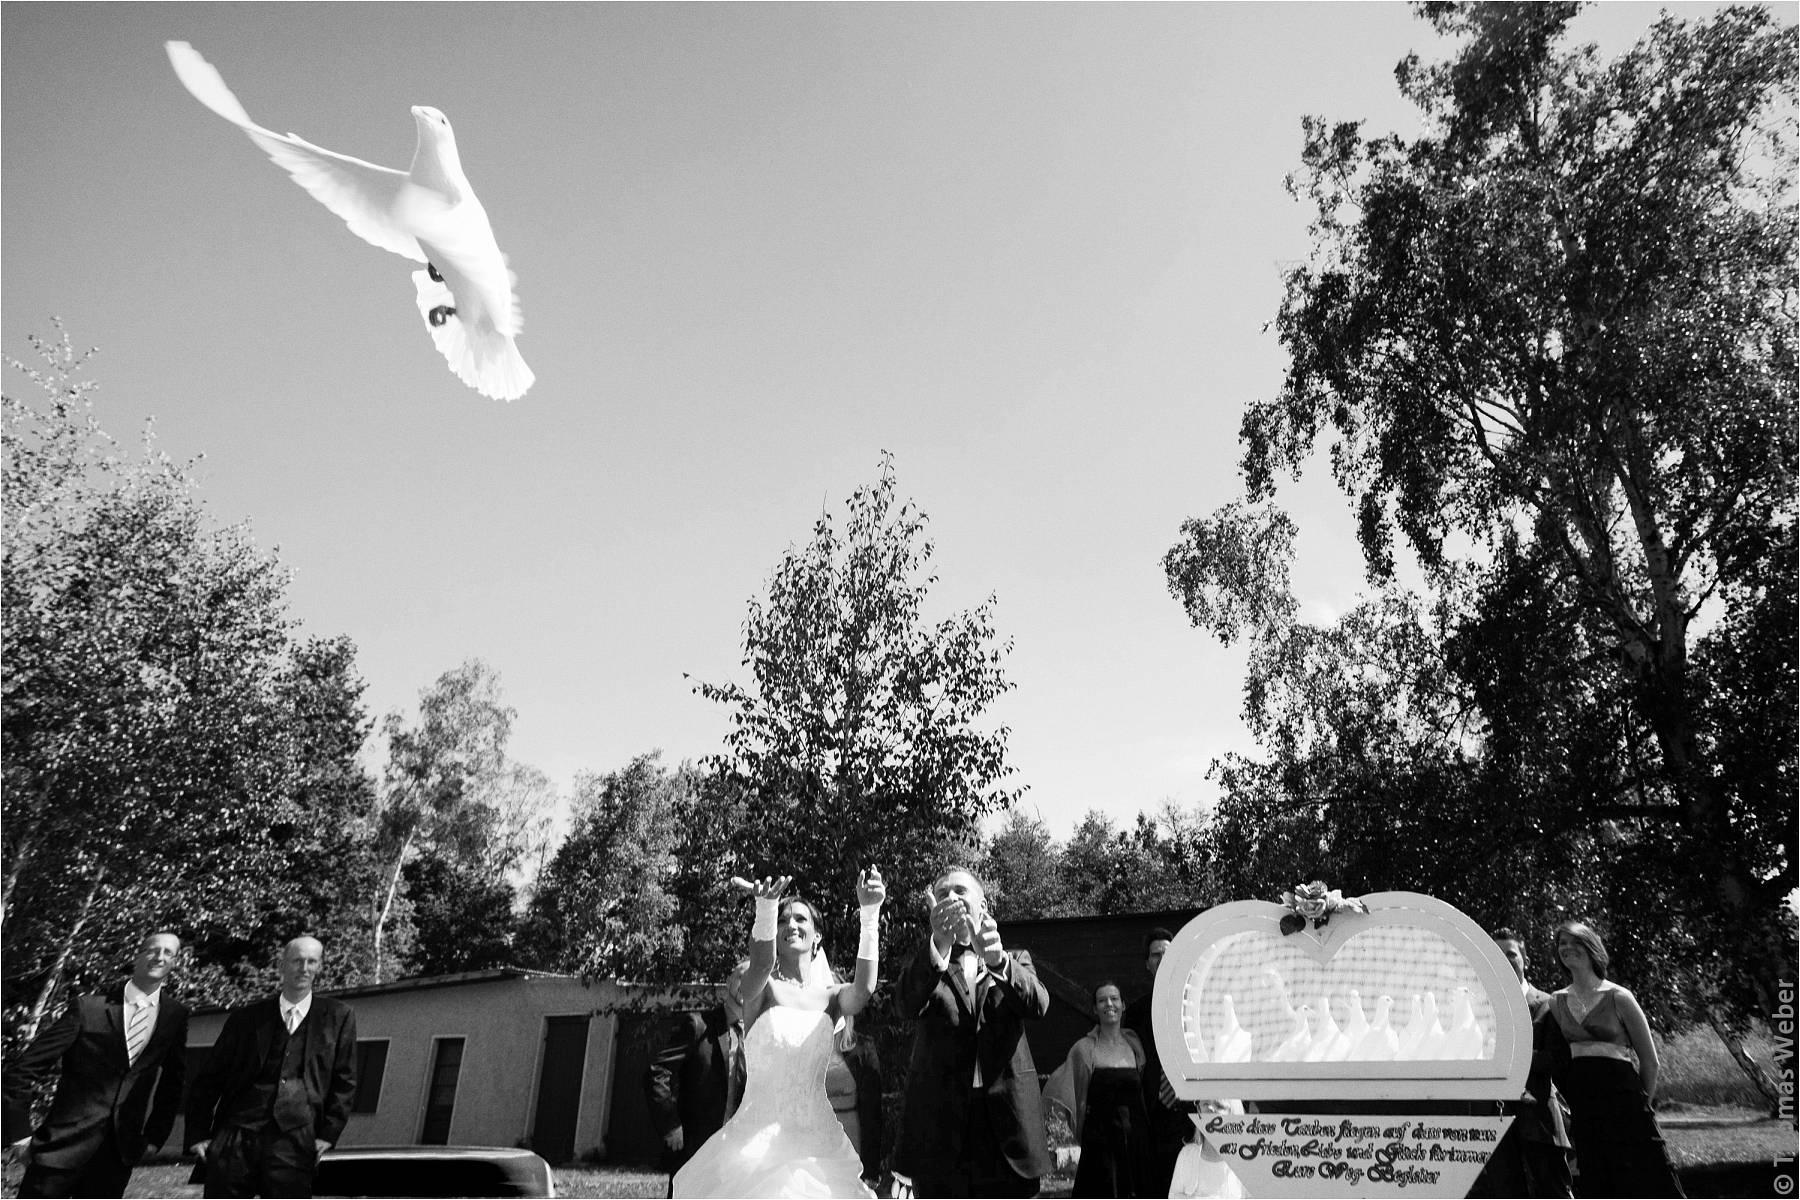 Hochzeitsfotograf Rangsdorf (Berlin): Hochzeit auf der Insel Falkenstein in Rangsdorf nahe Berlin (22)